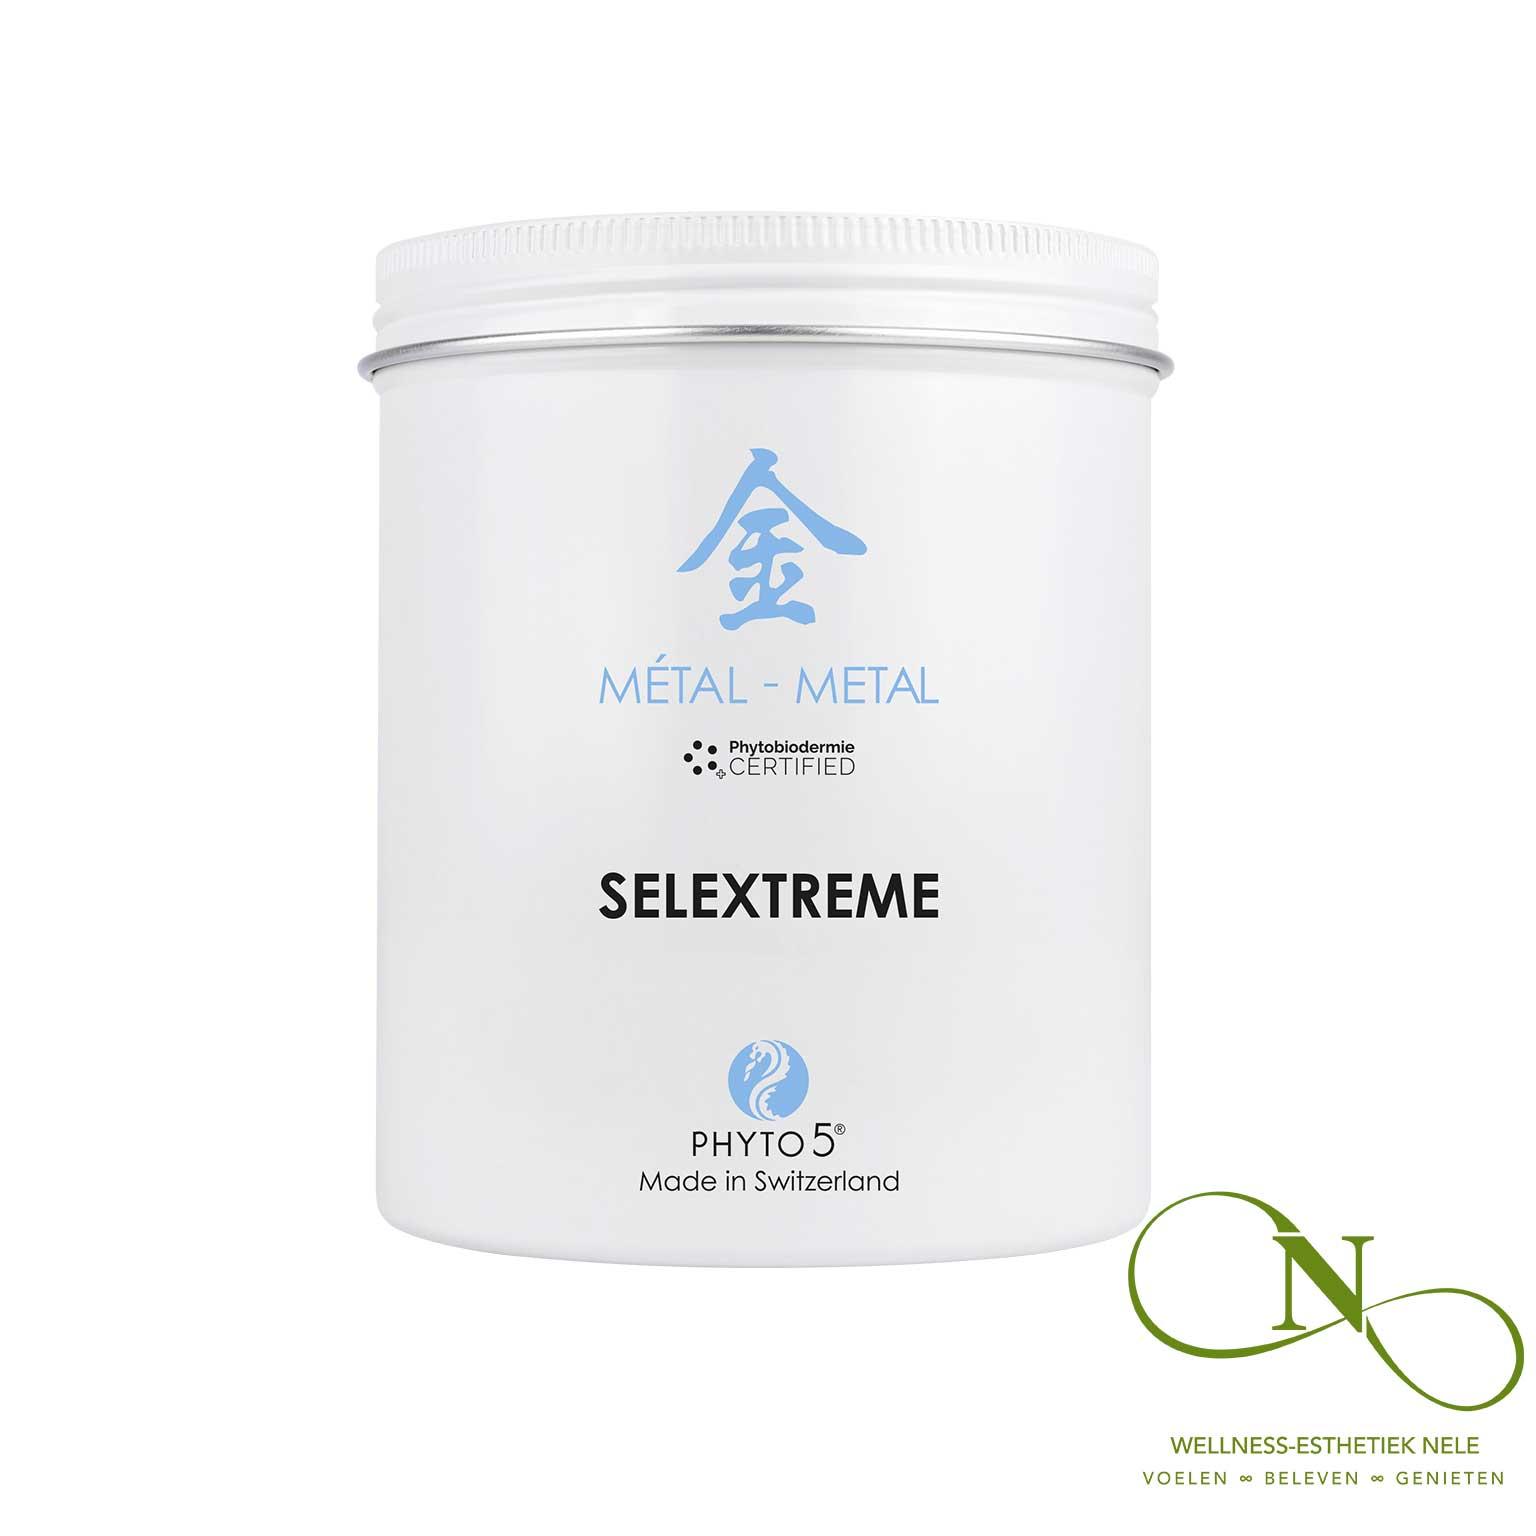 PHYTO-5-Selextreme-Metaal-Métal-Badzout-met-bergzout-voor-bad-en-douche-Wellness-Esthetiek-Nele